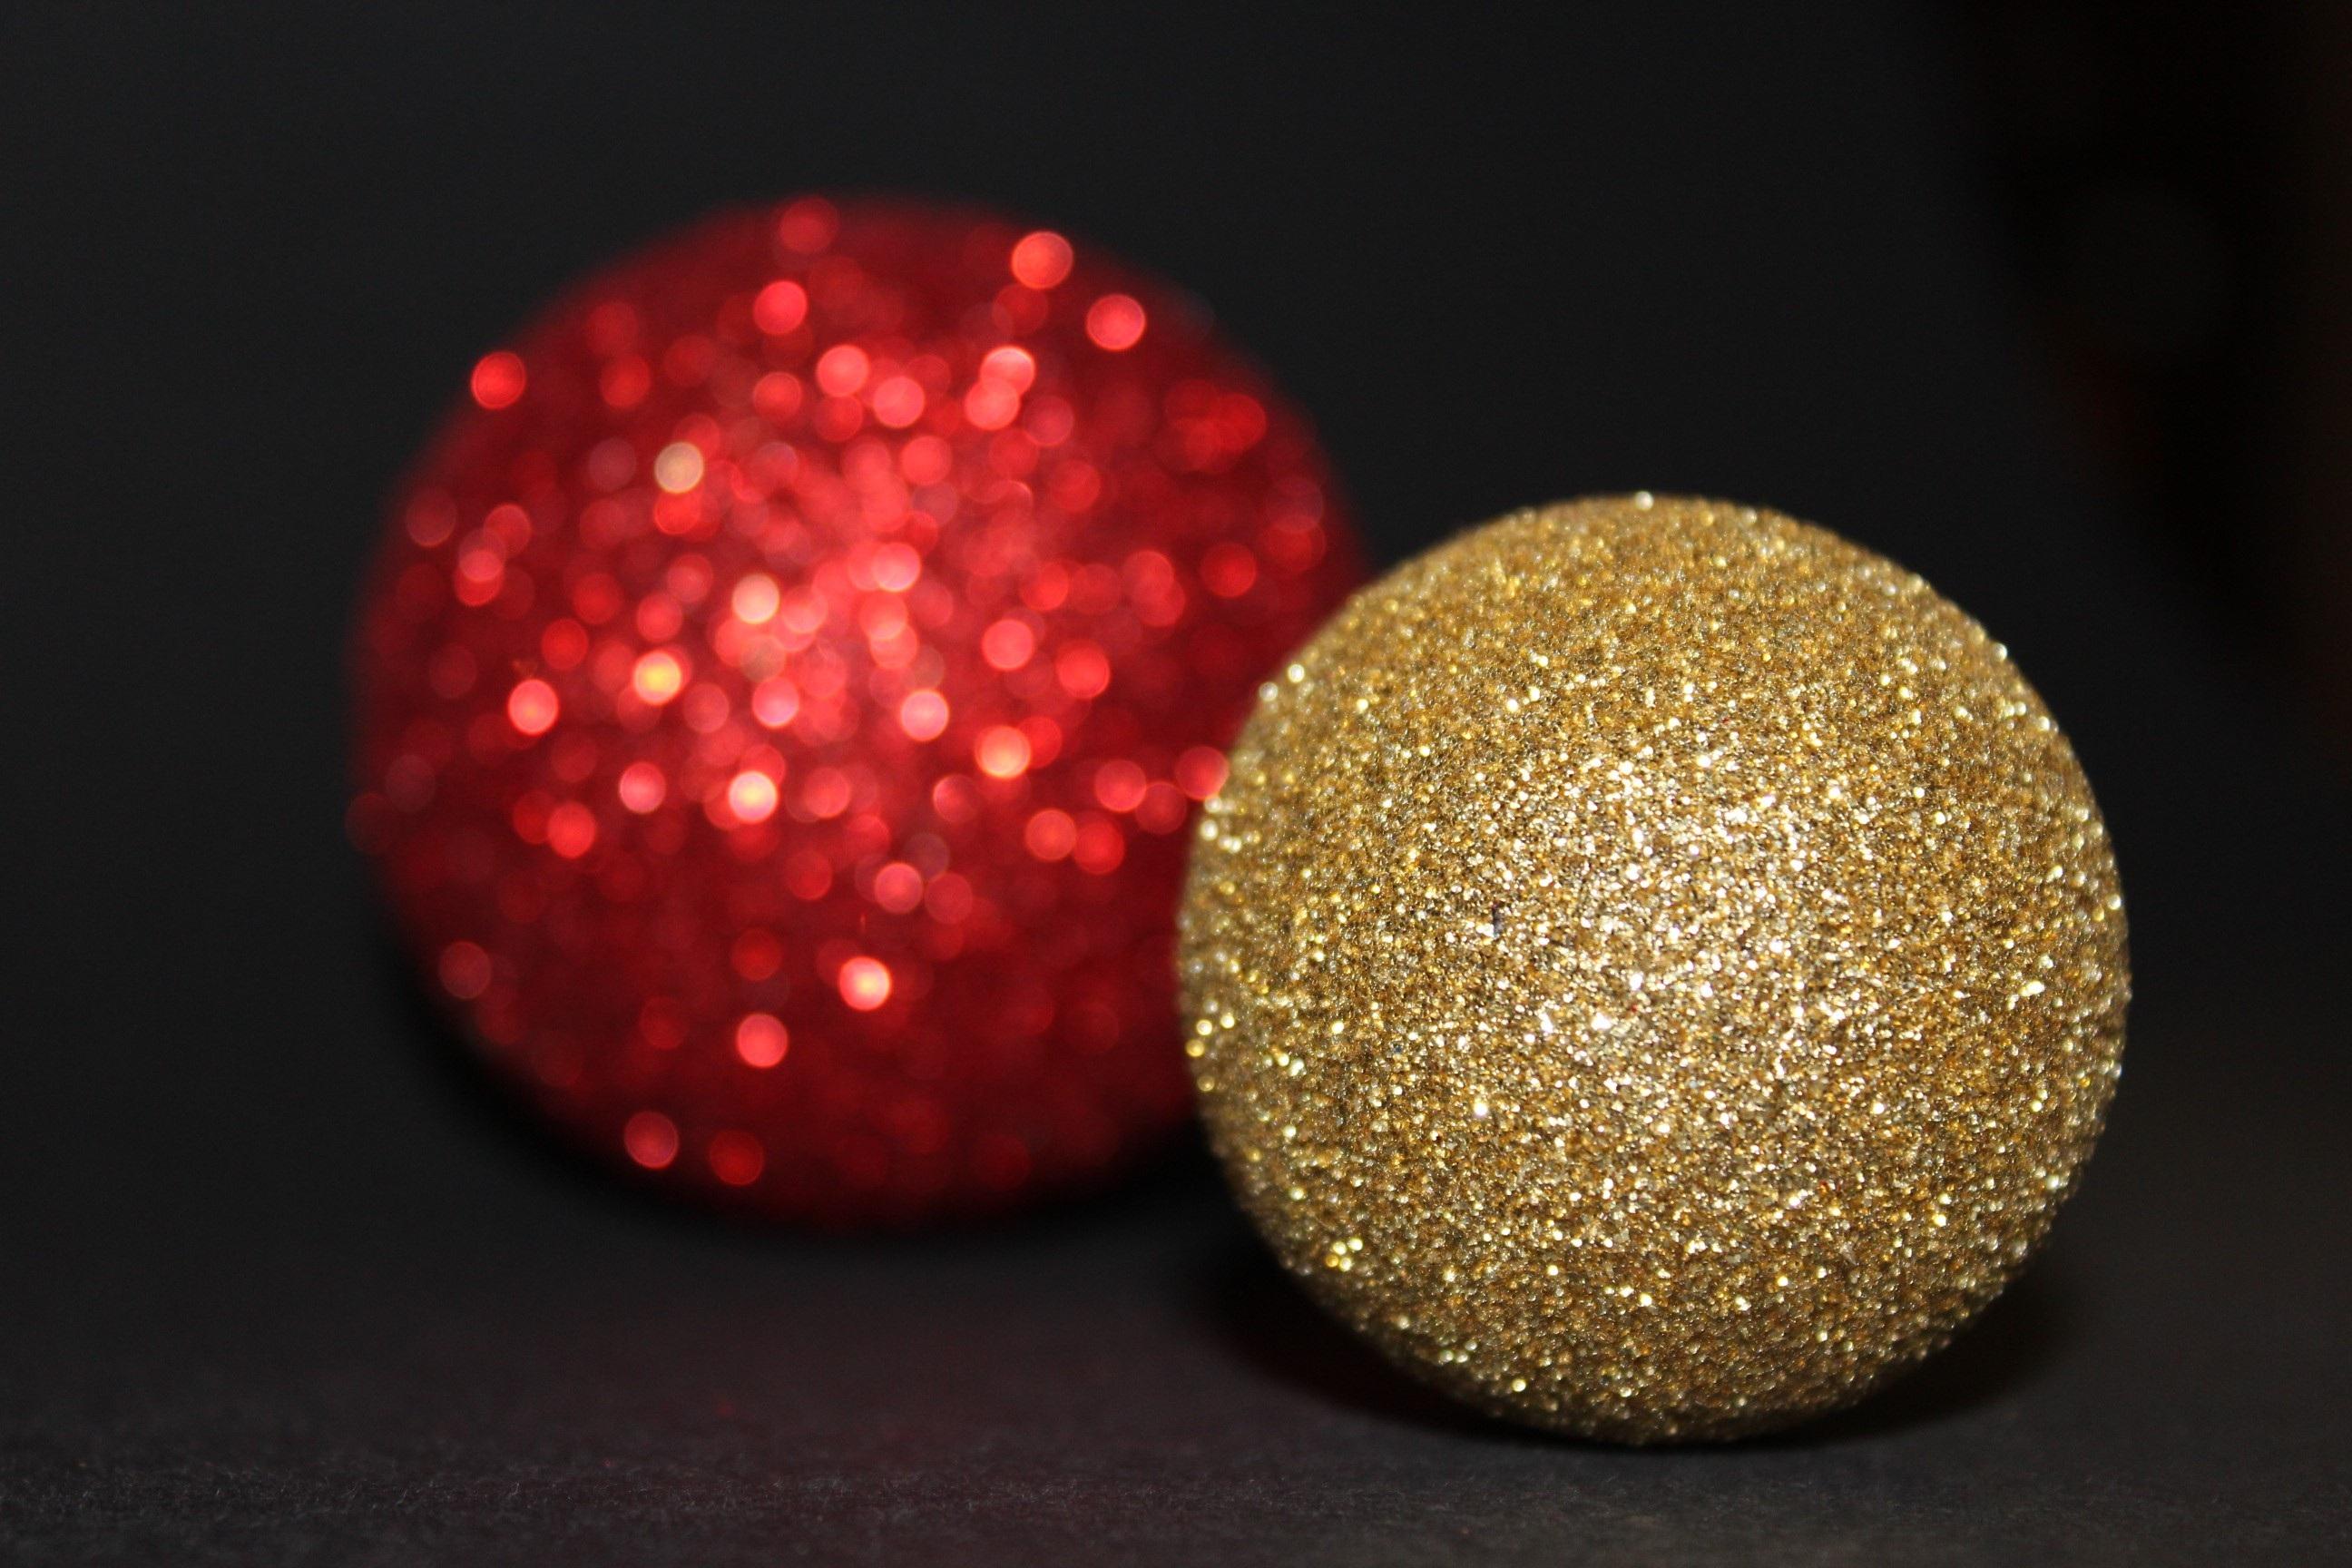 Christbaumkugeln Ornament.Free Images Red Lighting Christmas Tree Glitter Christmas